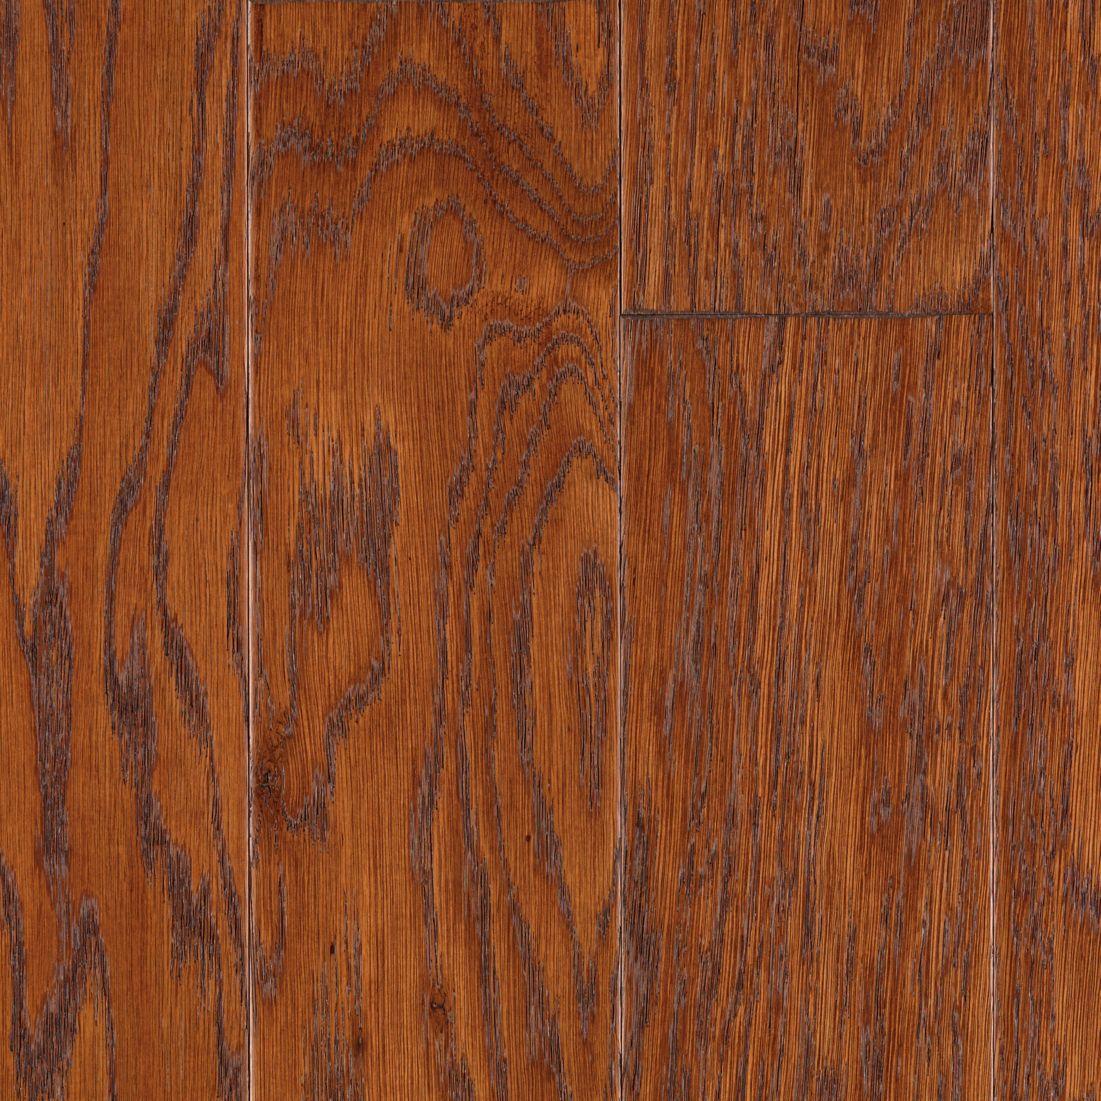 Hardwood Atherton WEC71-6 OakChestnut